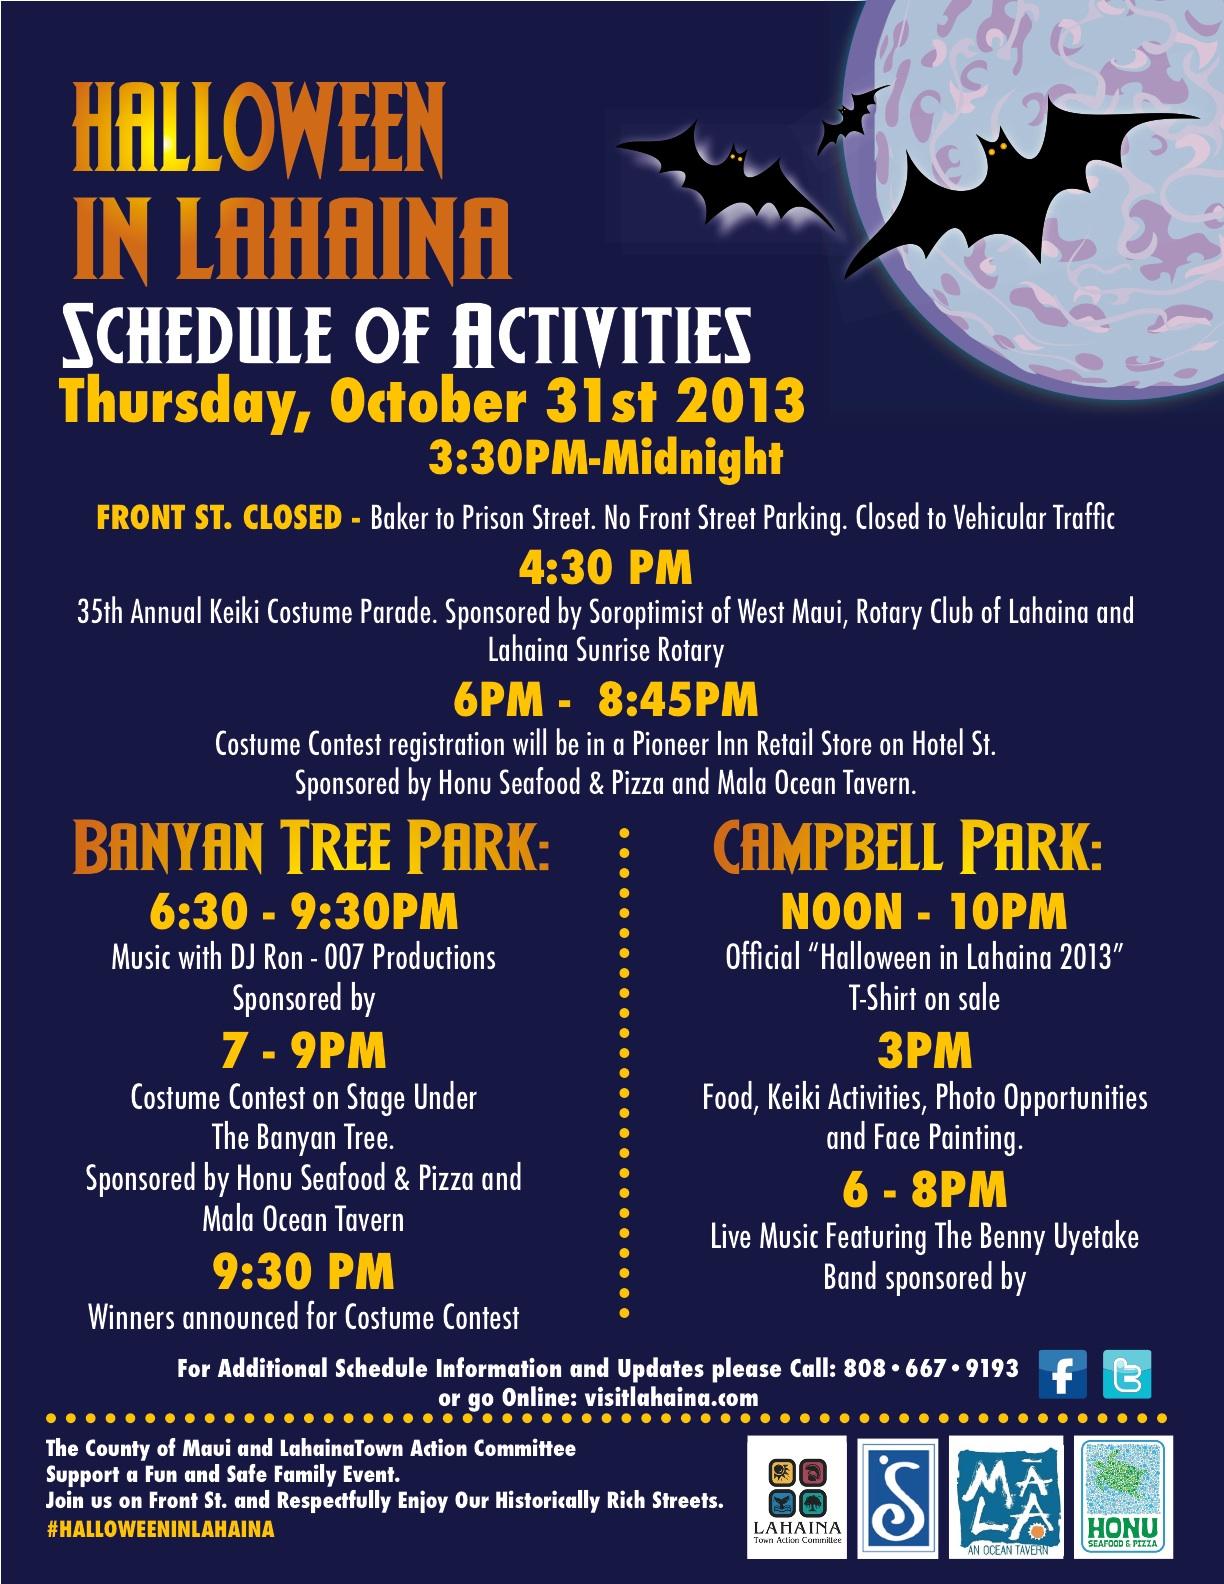 halloween_schedule_of_activities_(2)-1